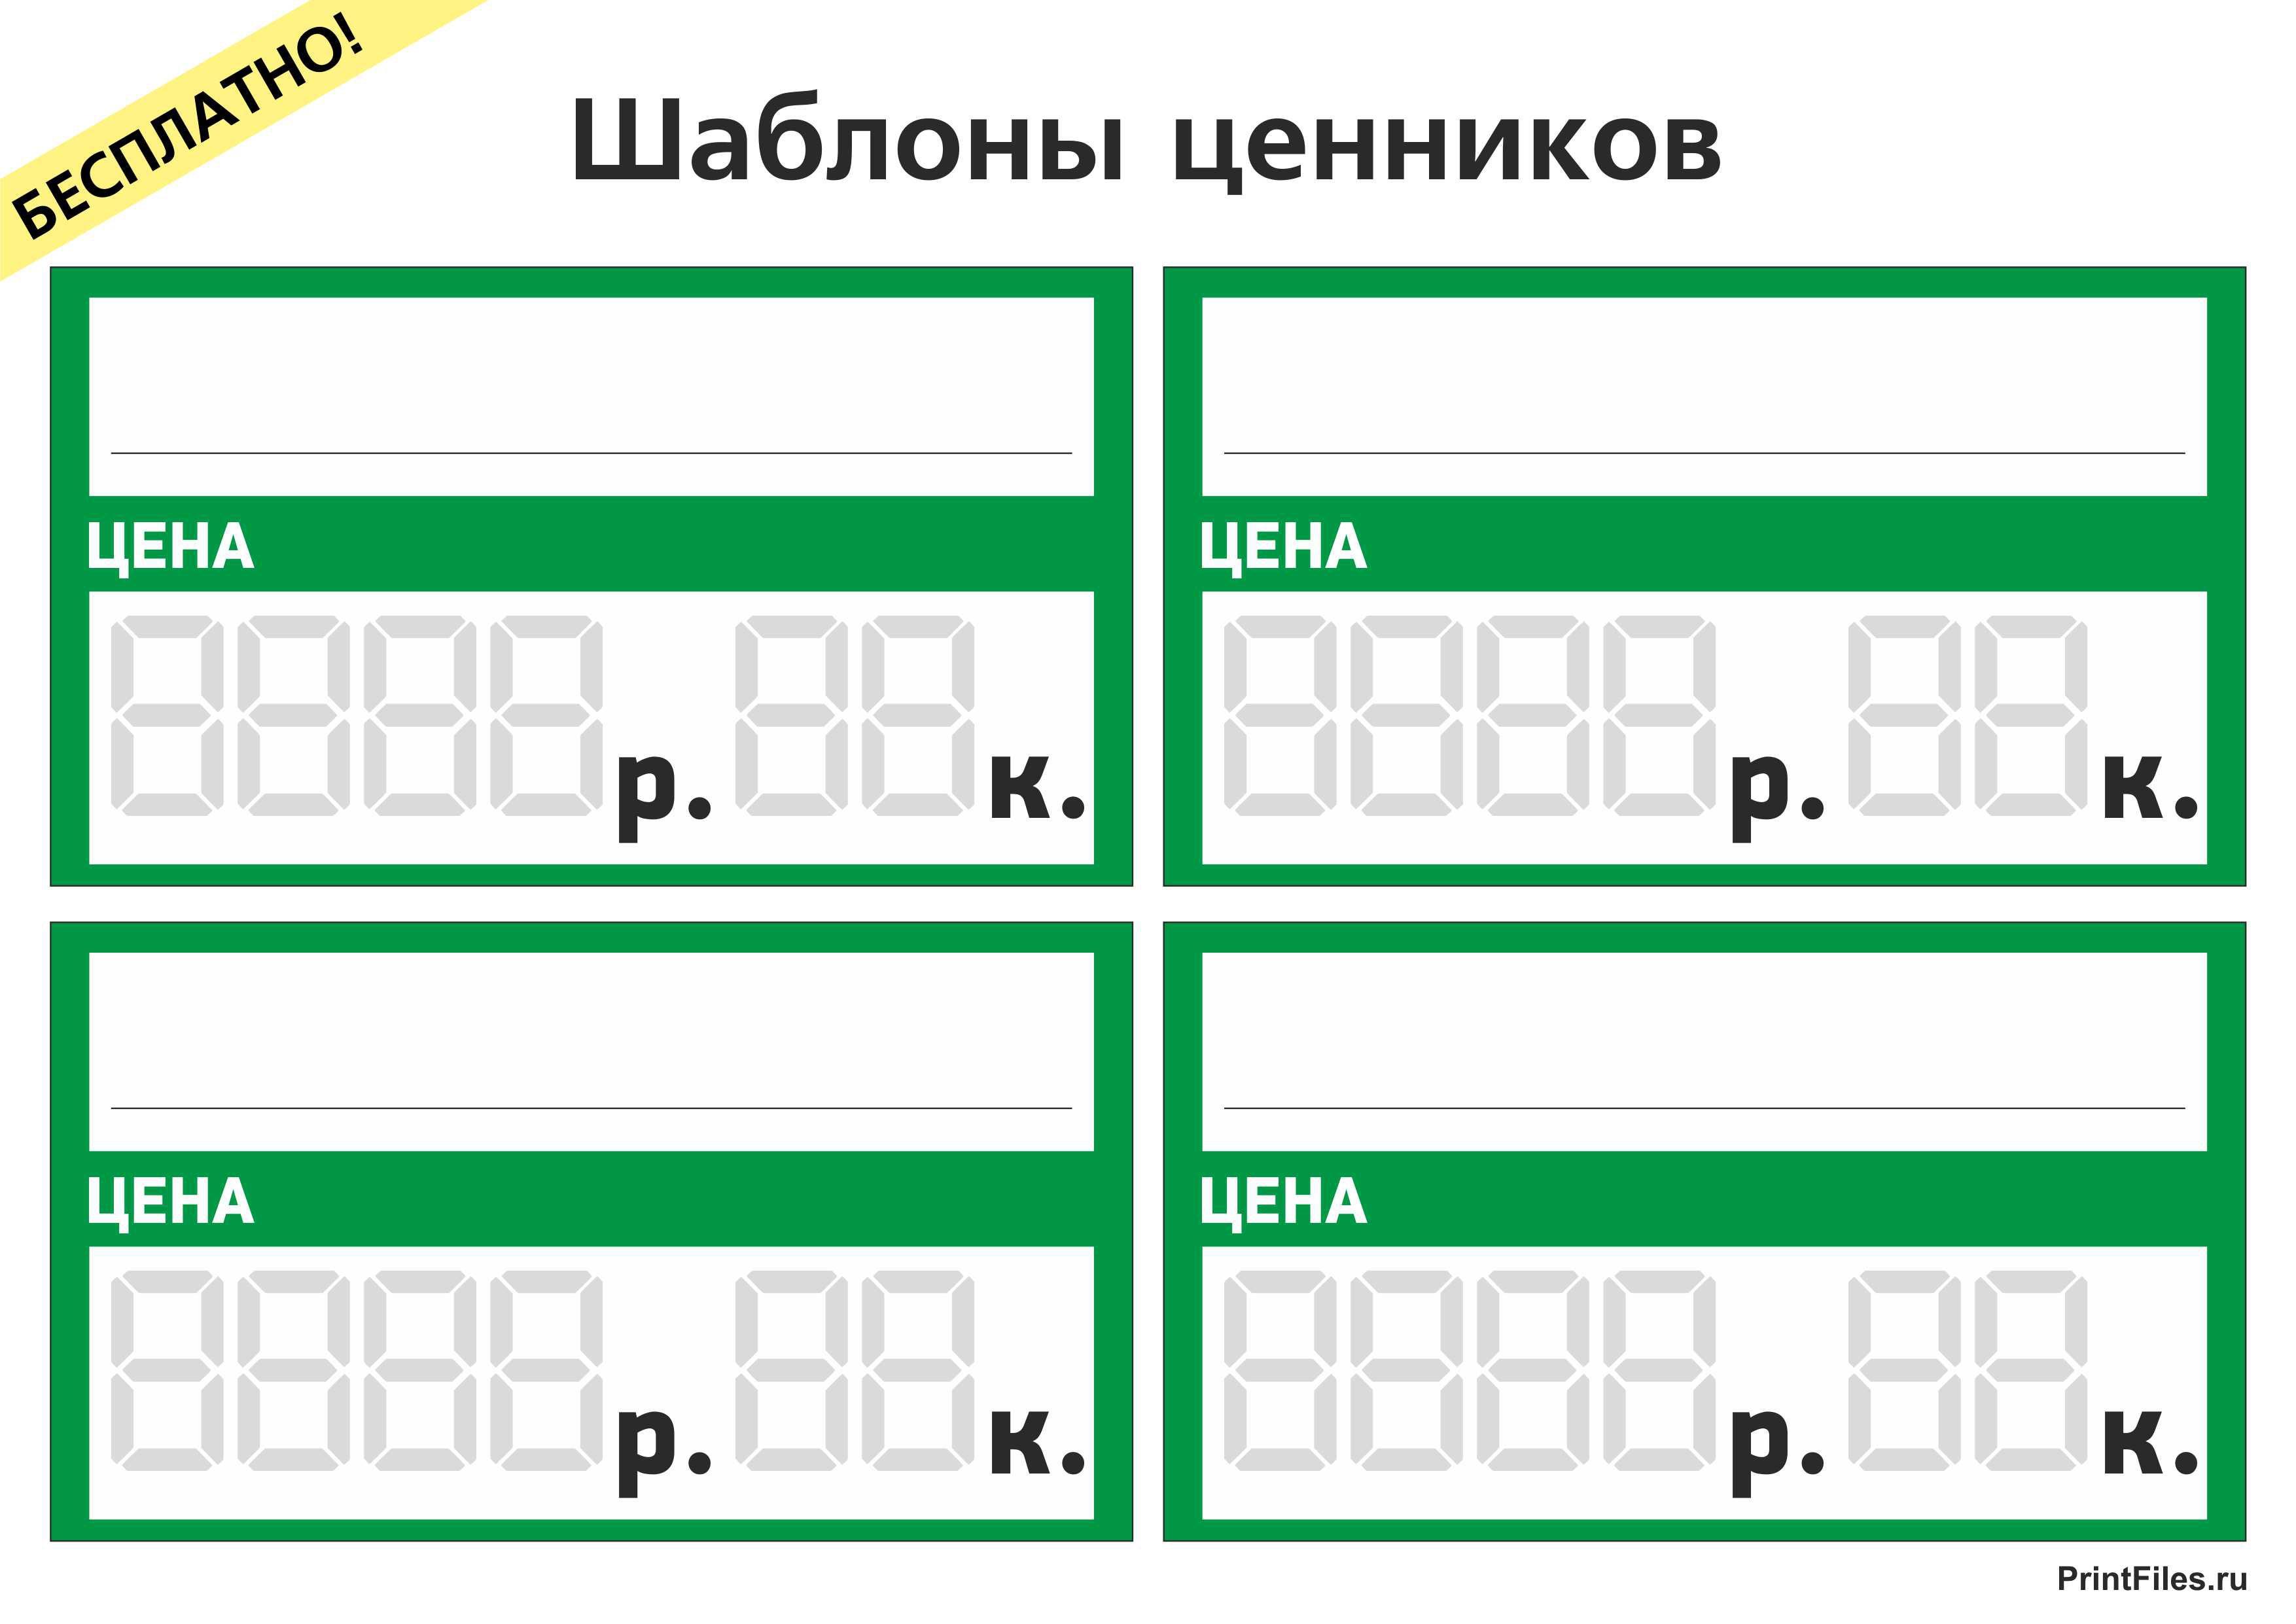 Ценники онлайн печать шаблоны, картинки узбеками